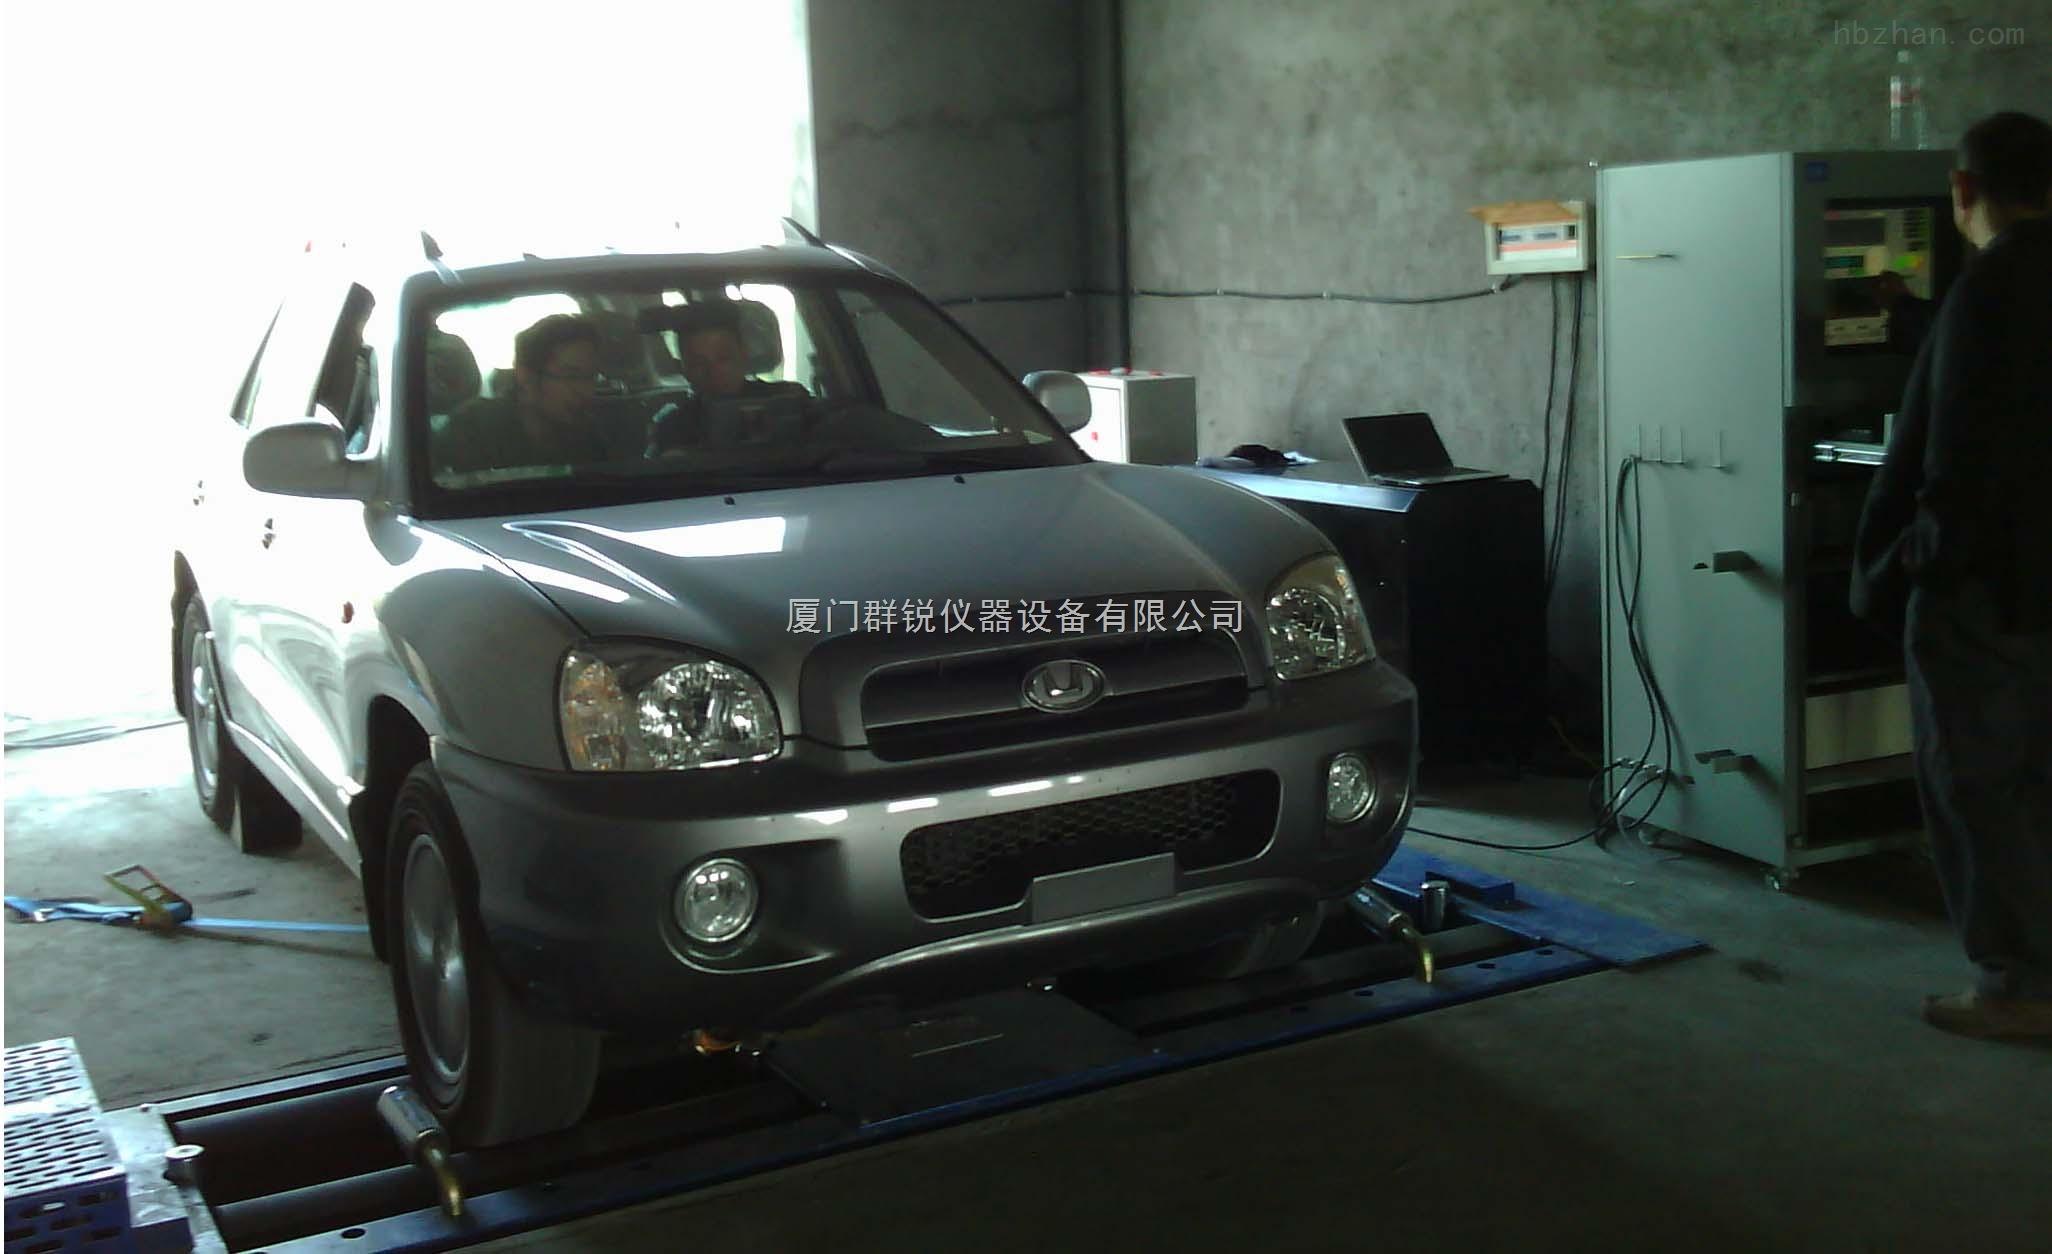 产品库 环境监测 气体检测仪器 汽车尾气分析仪 iemas1000 汽车简易